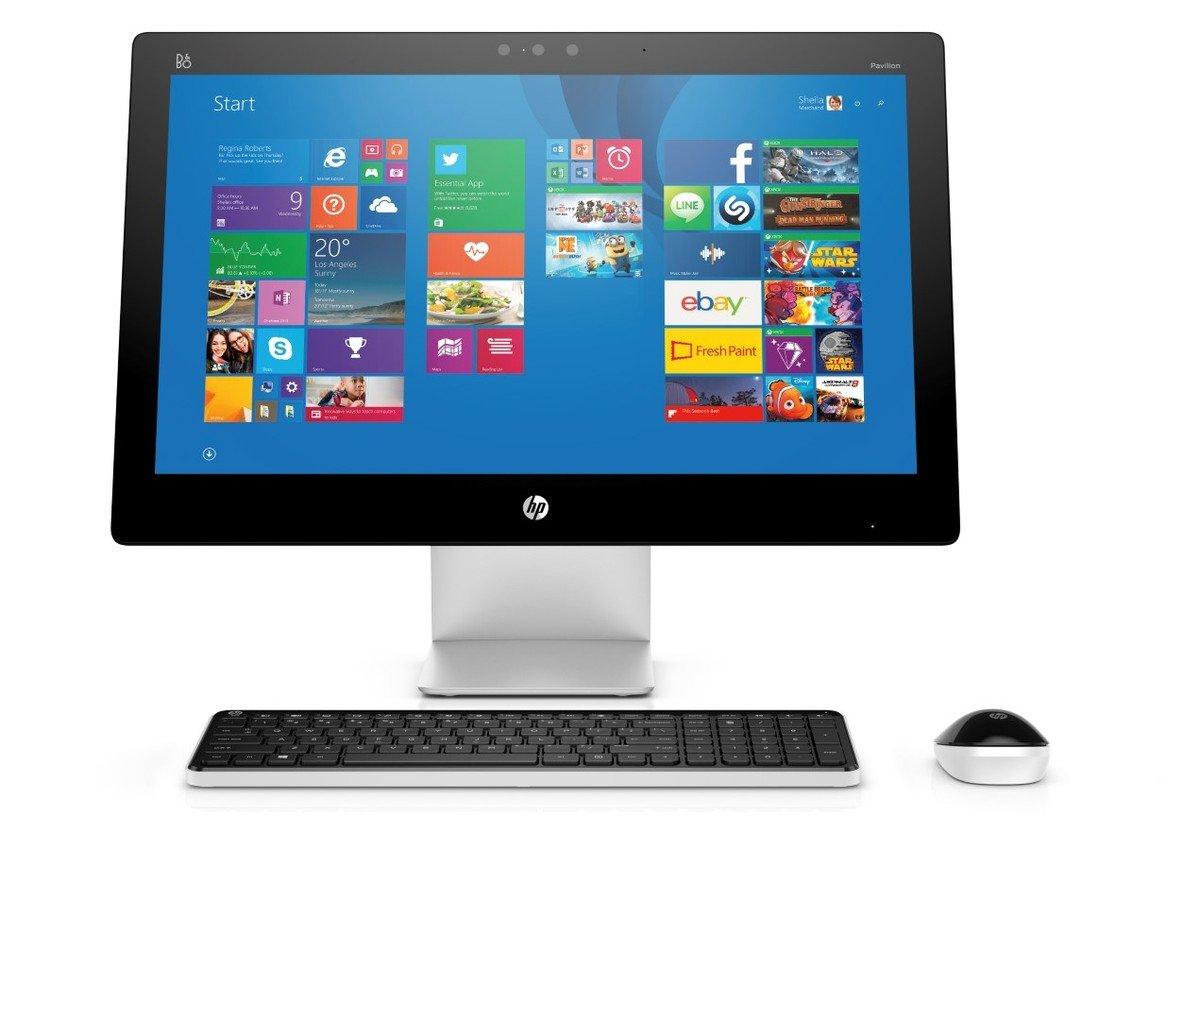 HP Pavilion 23-q035hk 一體式電腦+耳機+無線藍芽揚聲器套裝